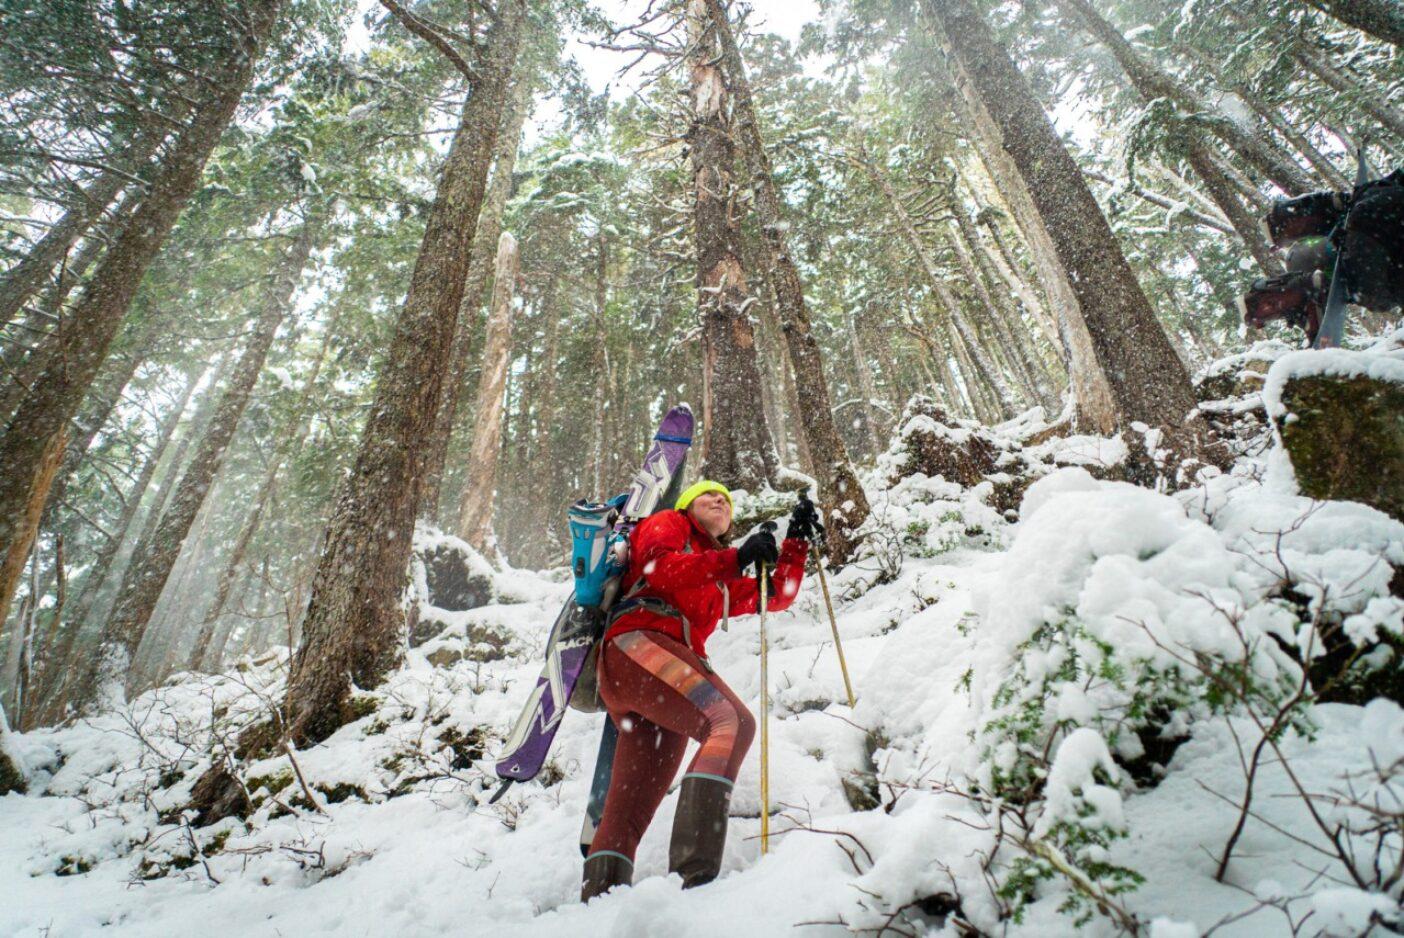 シトカの伝統的なスキーエリア「ピクニック岩」を目指し、板を担いで樹林帯を登る。写真:リー・ハウス